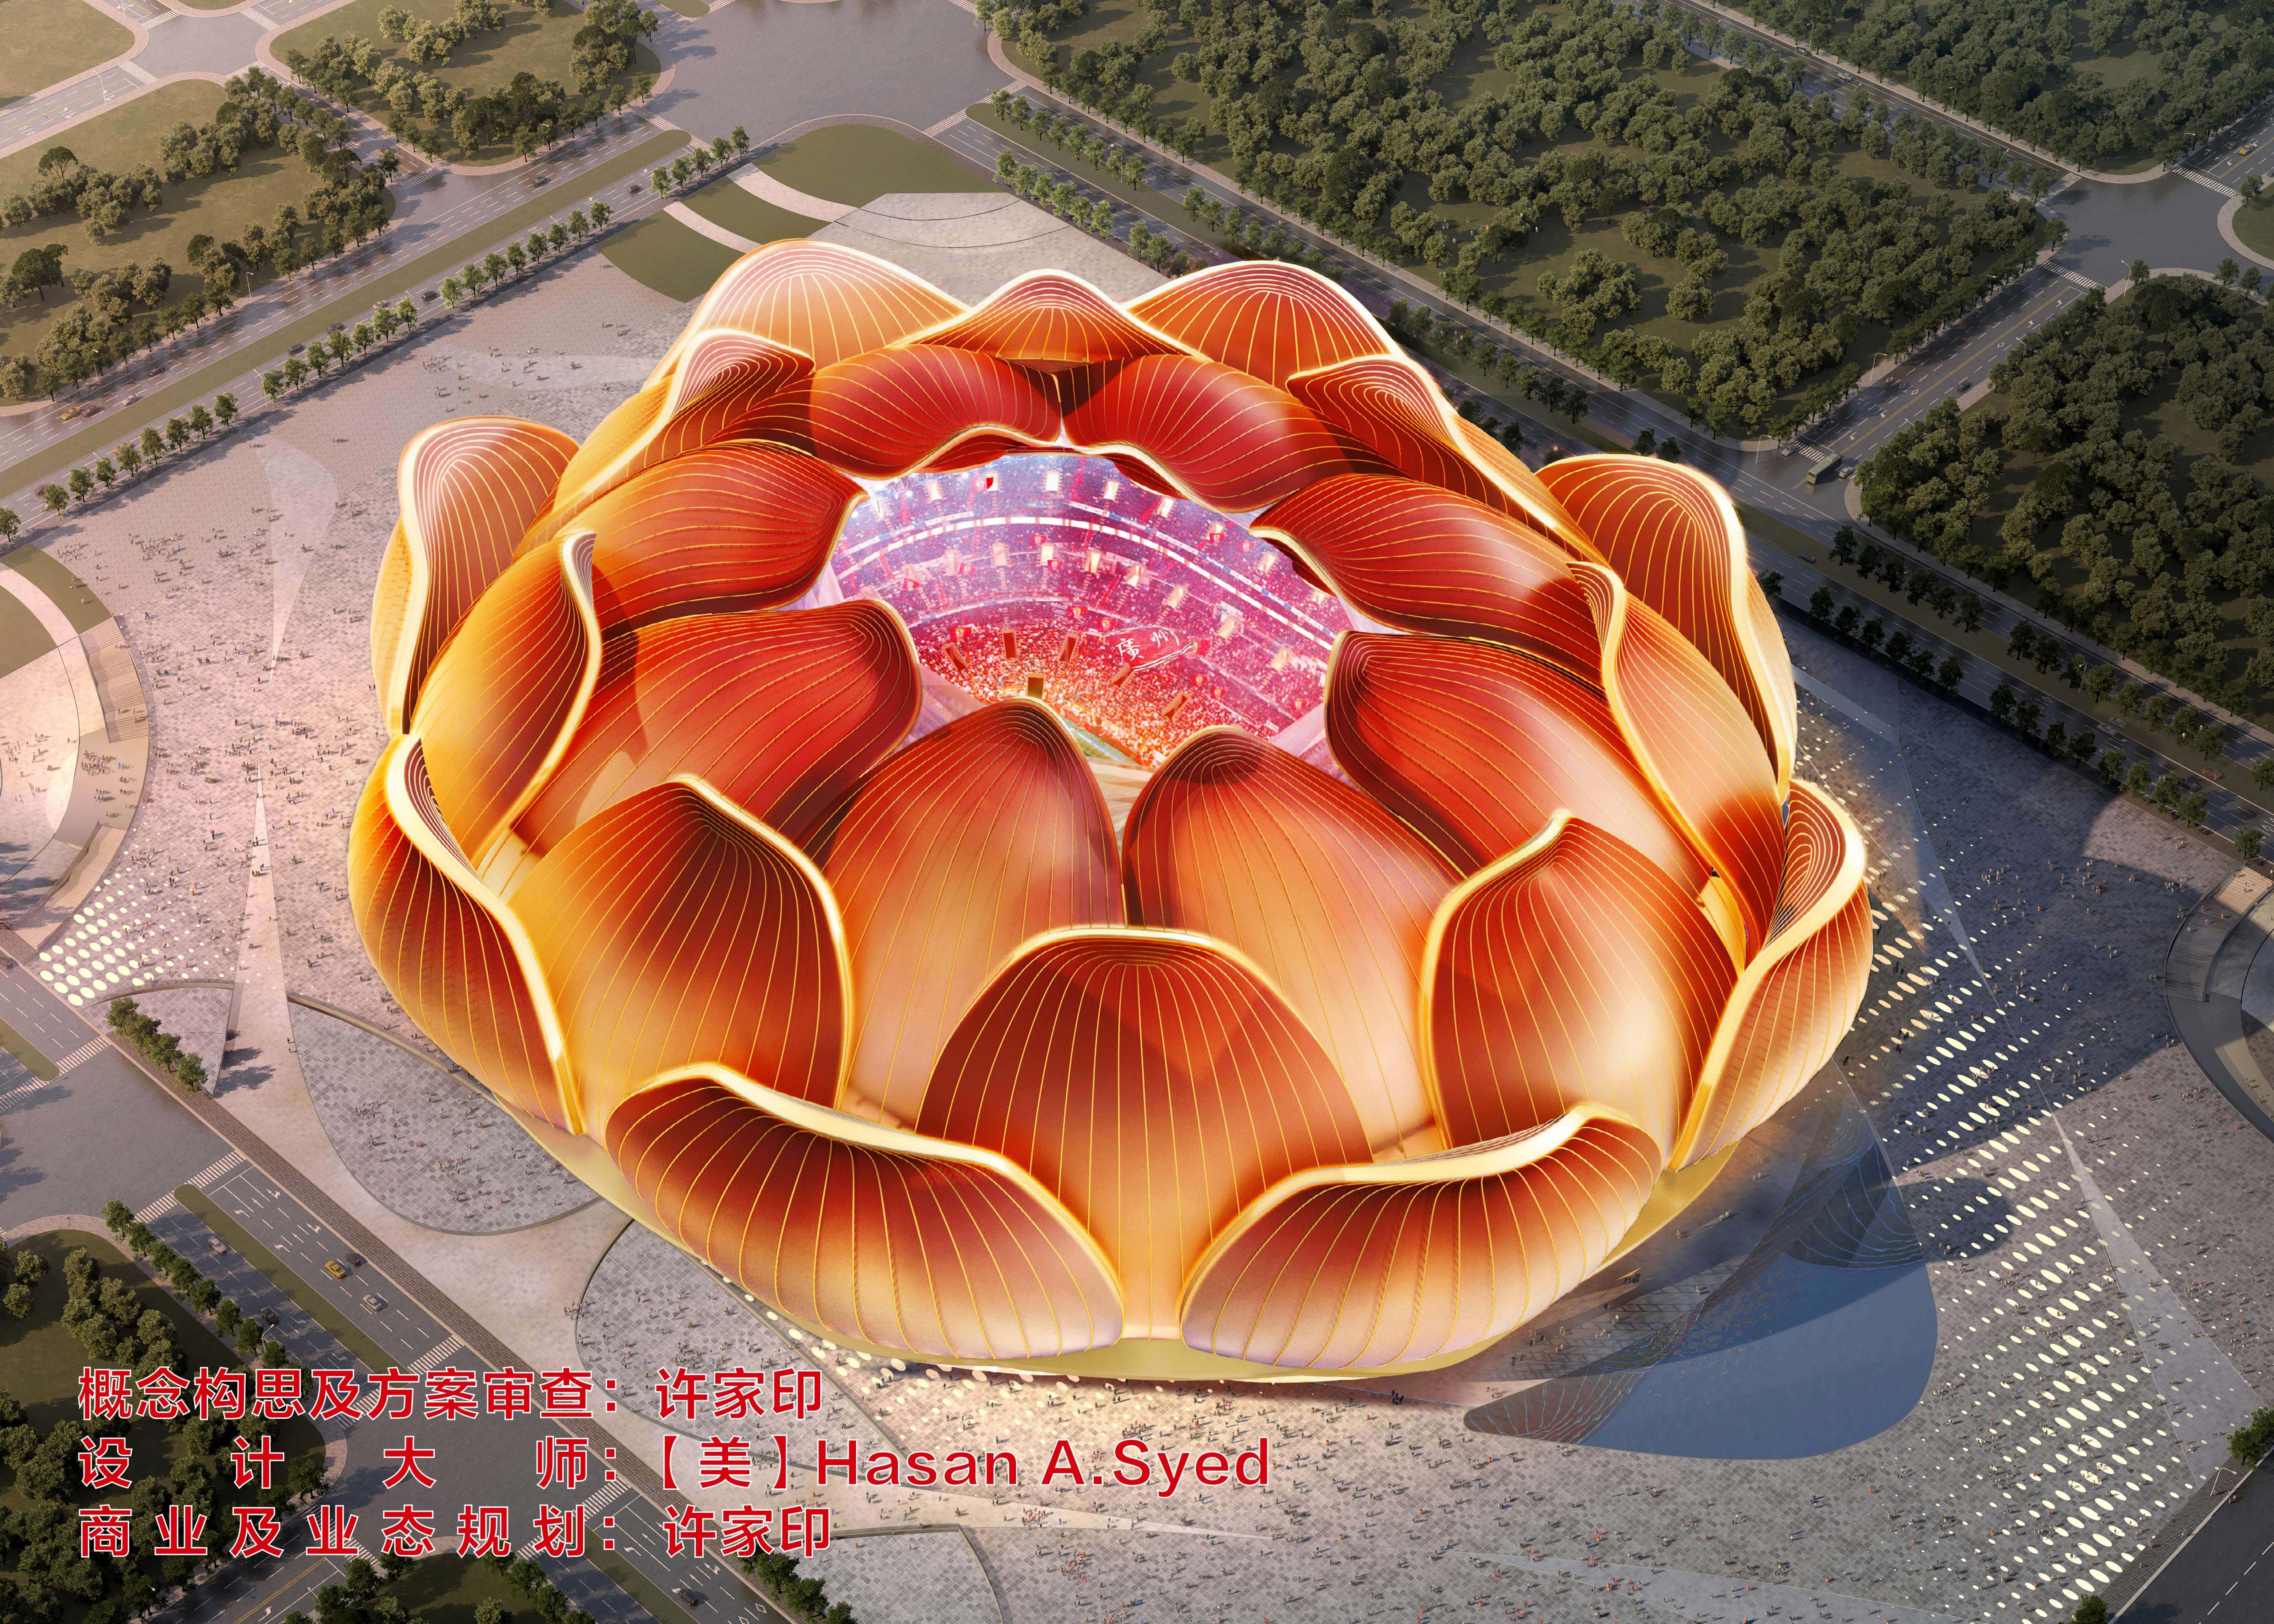 10万人容量超越诺坎普!广州恒大将迎世界第一主场